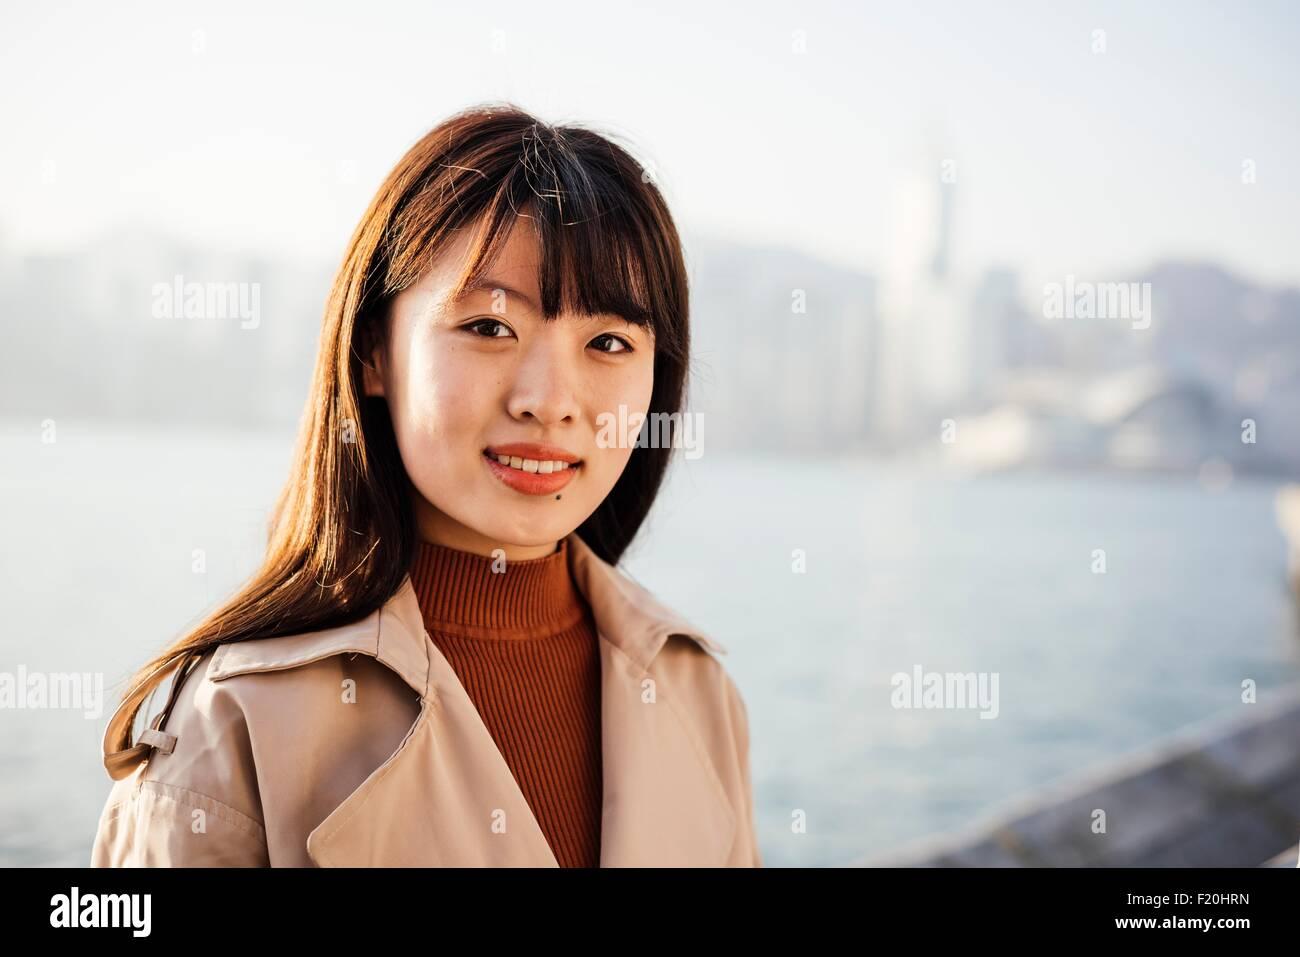 Porträt der jungen Frau mit langen Haaren vor Wasser Blick auf die Kamera zu Lächeln Stockbild